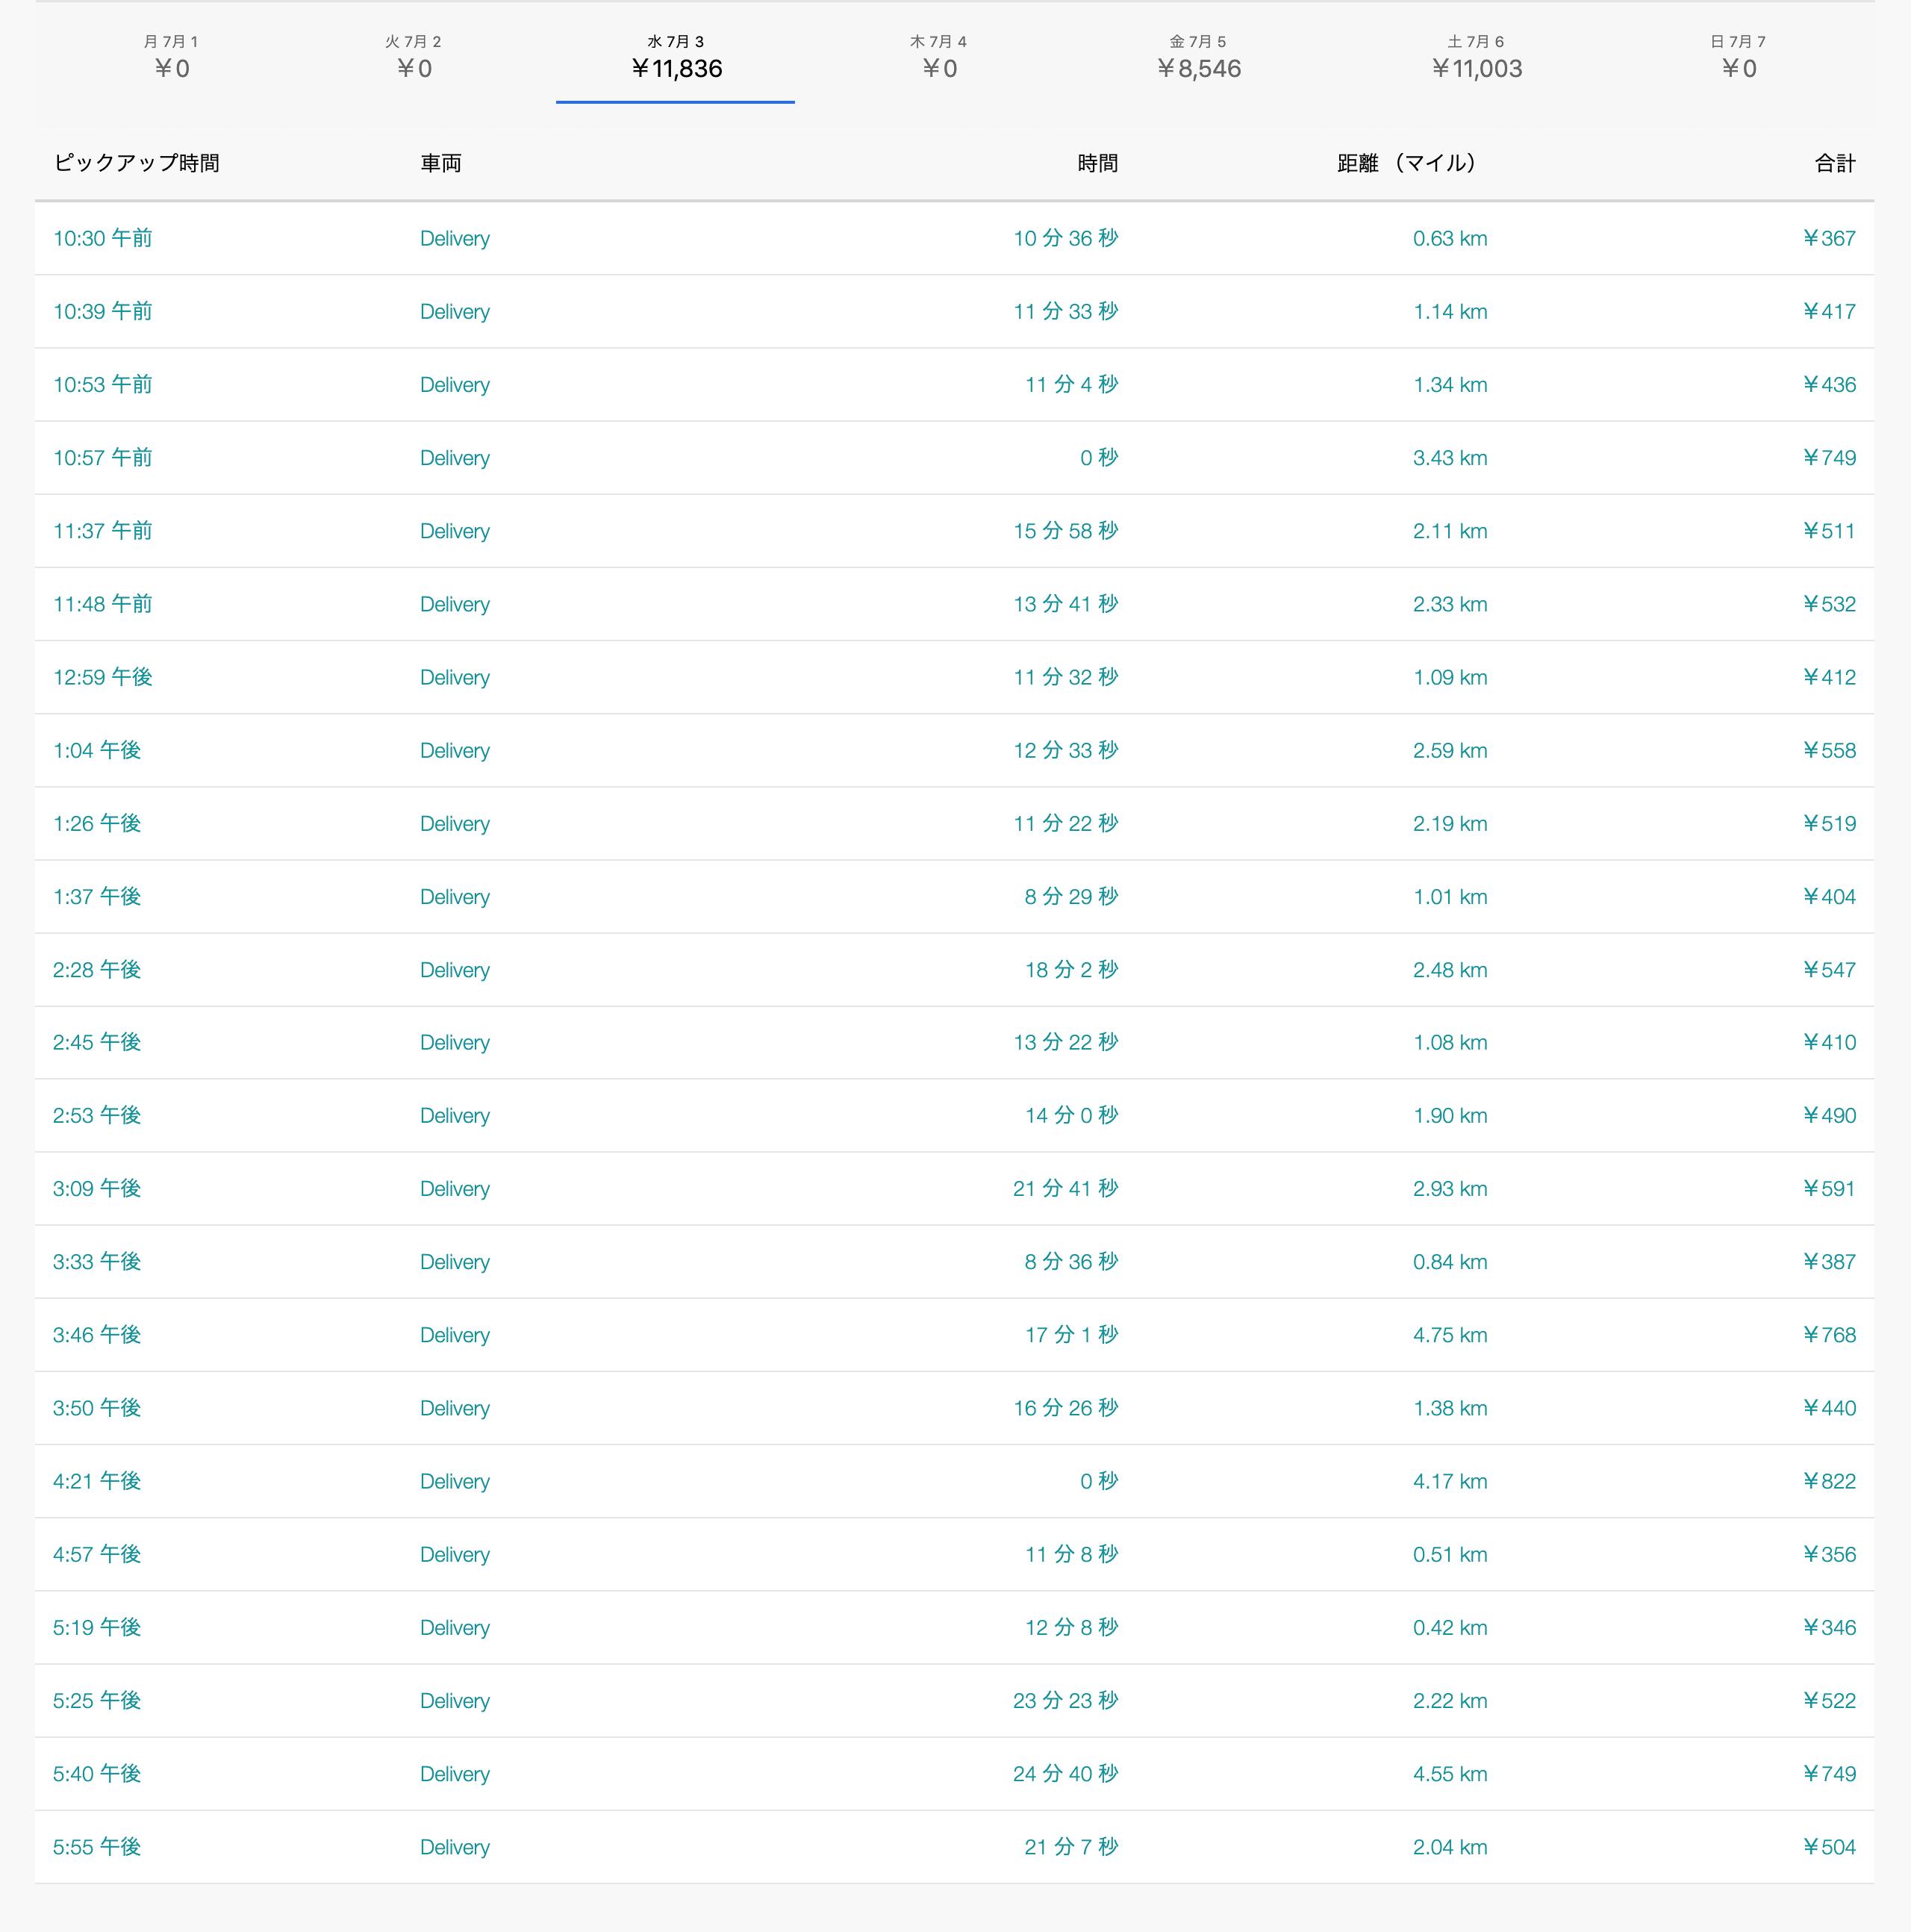 Uber Eats7月3日の配達数字